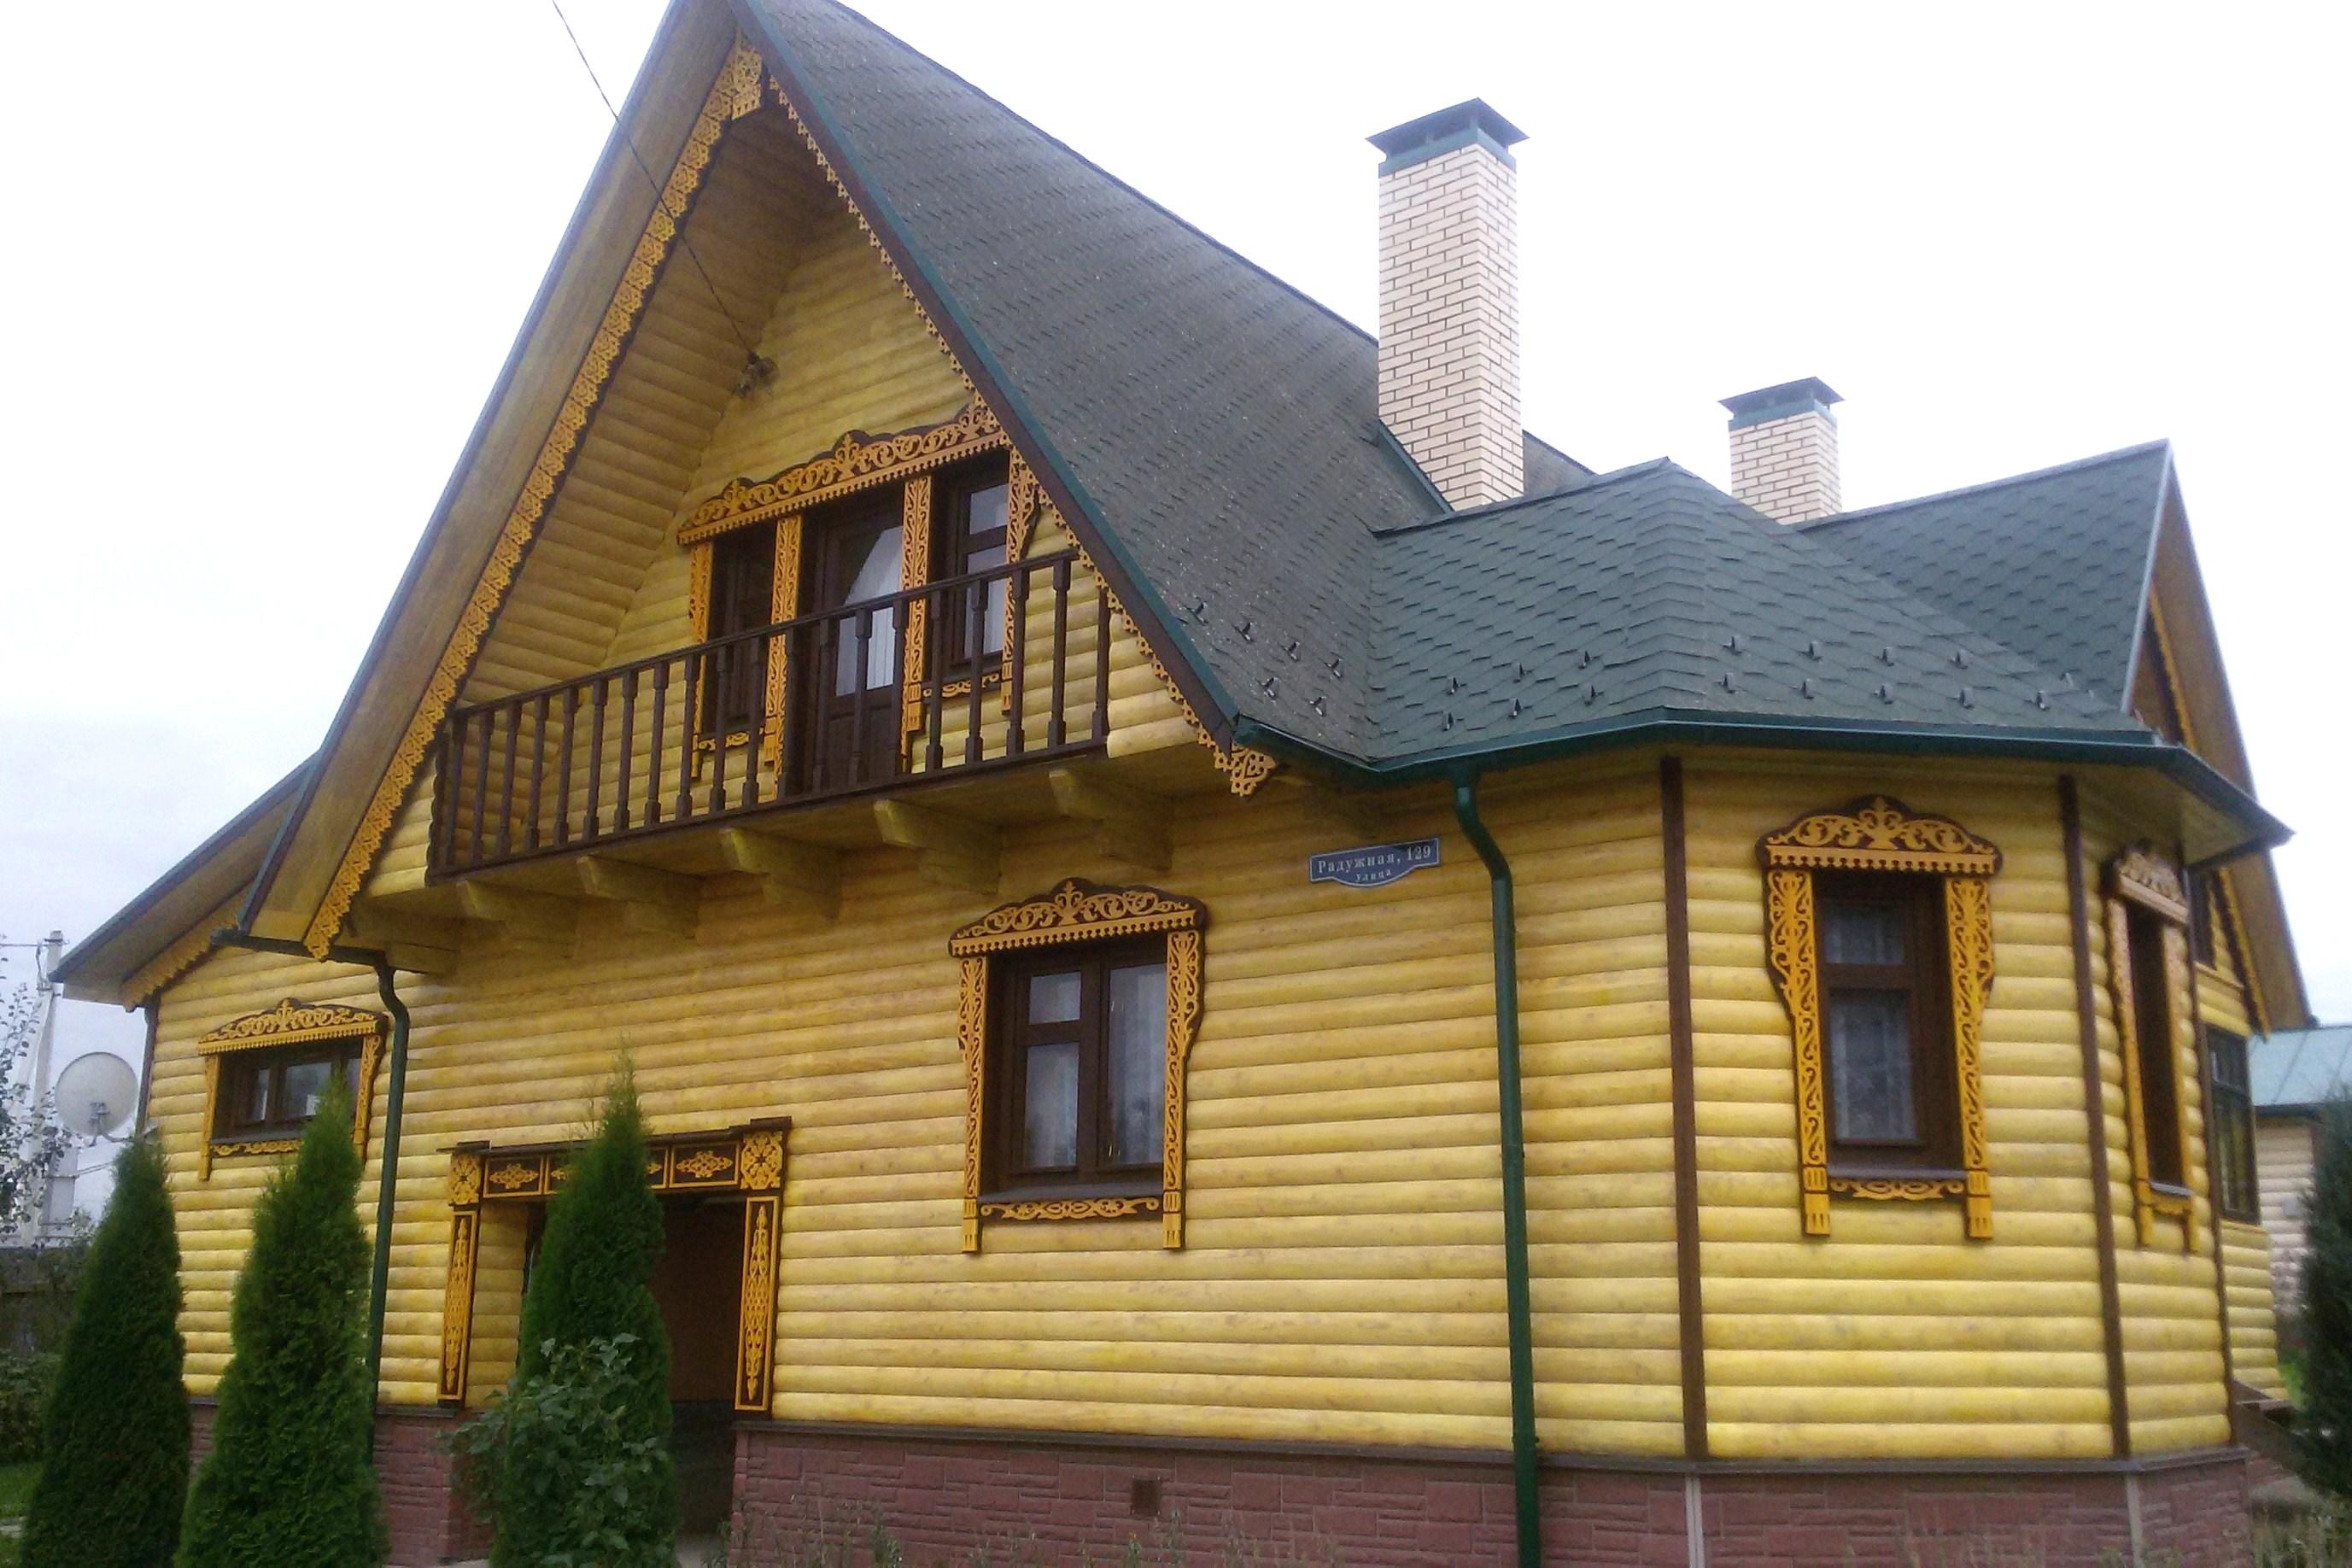 Фасад деревянного дома украшенный резными наличниками и карнизами